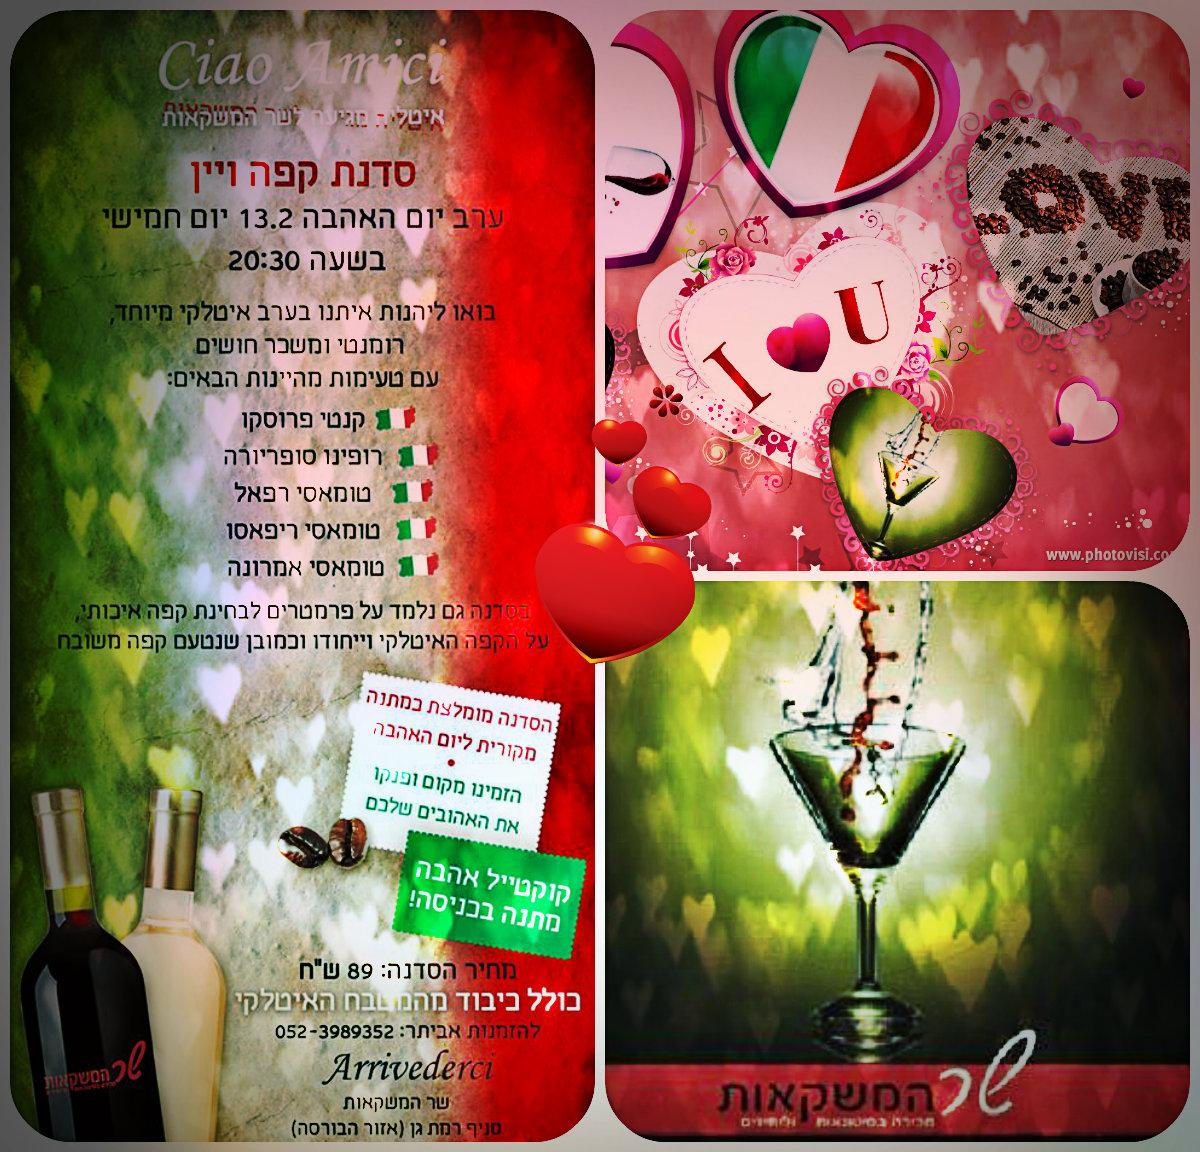 День Святого Валентина по-итальянски